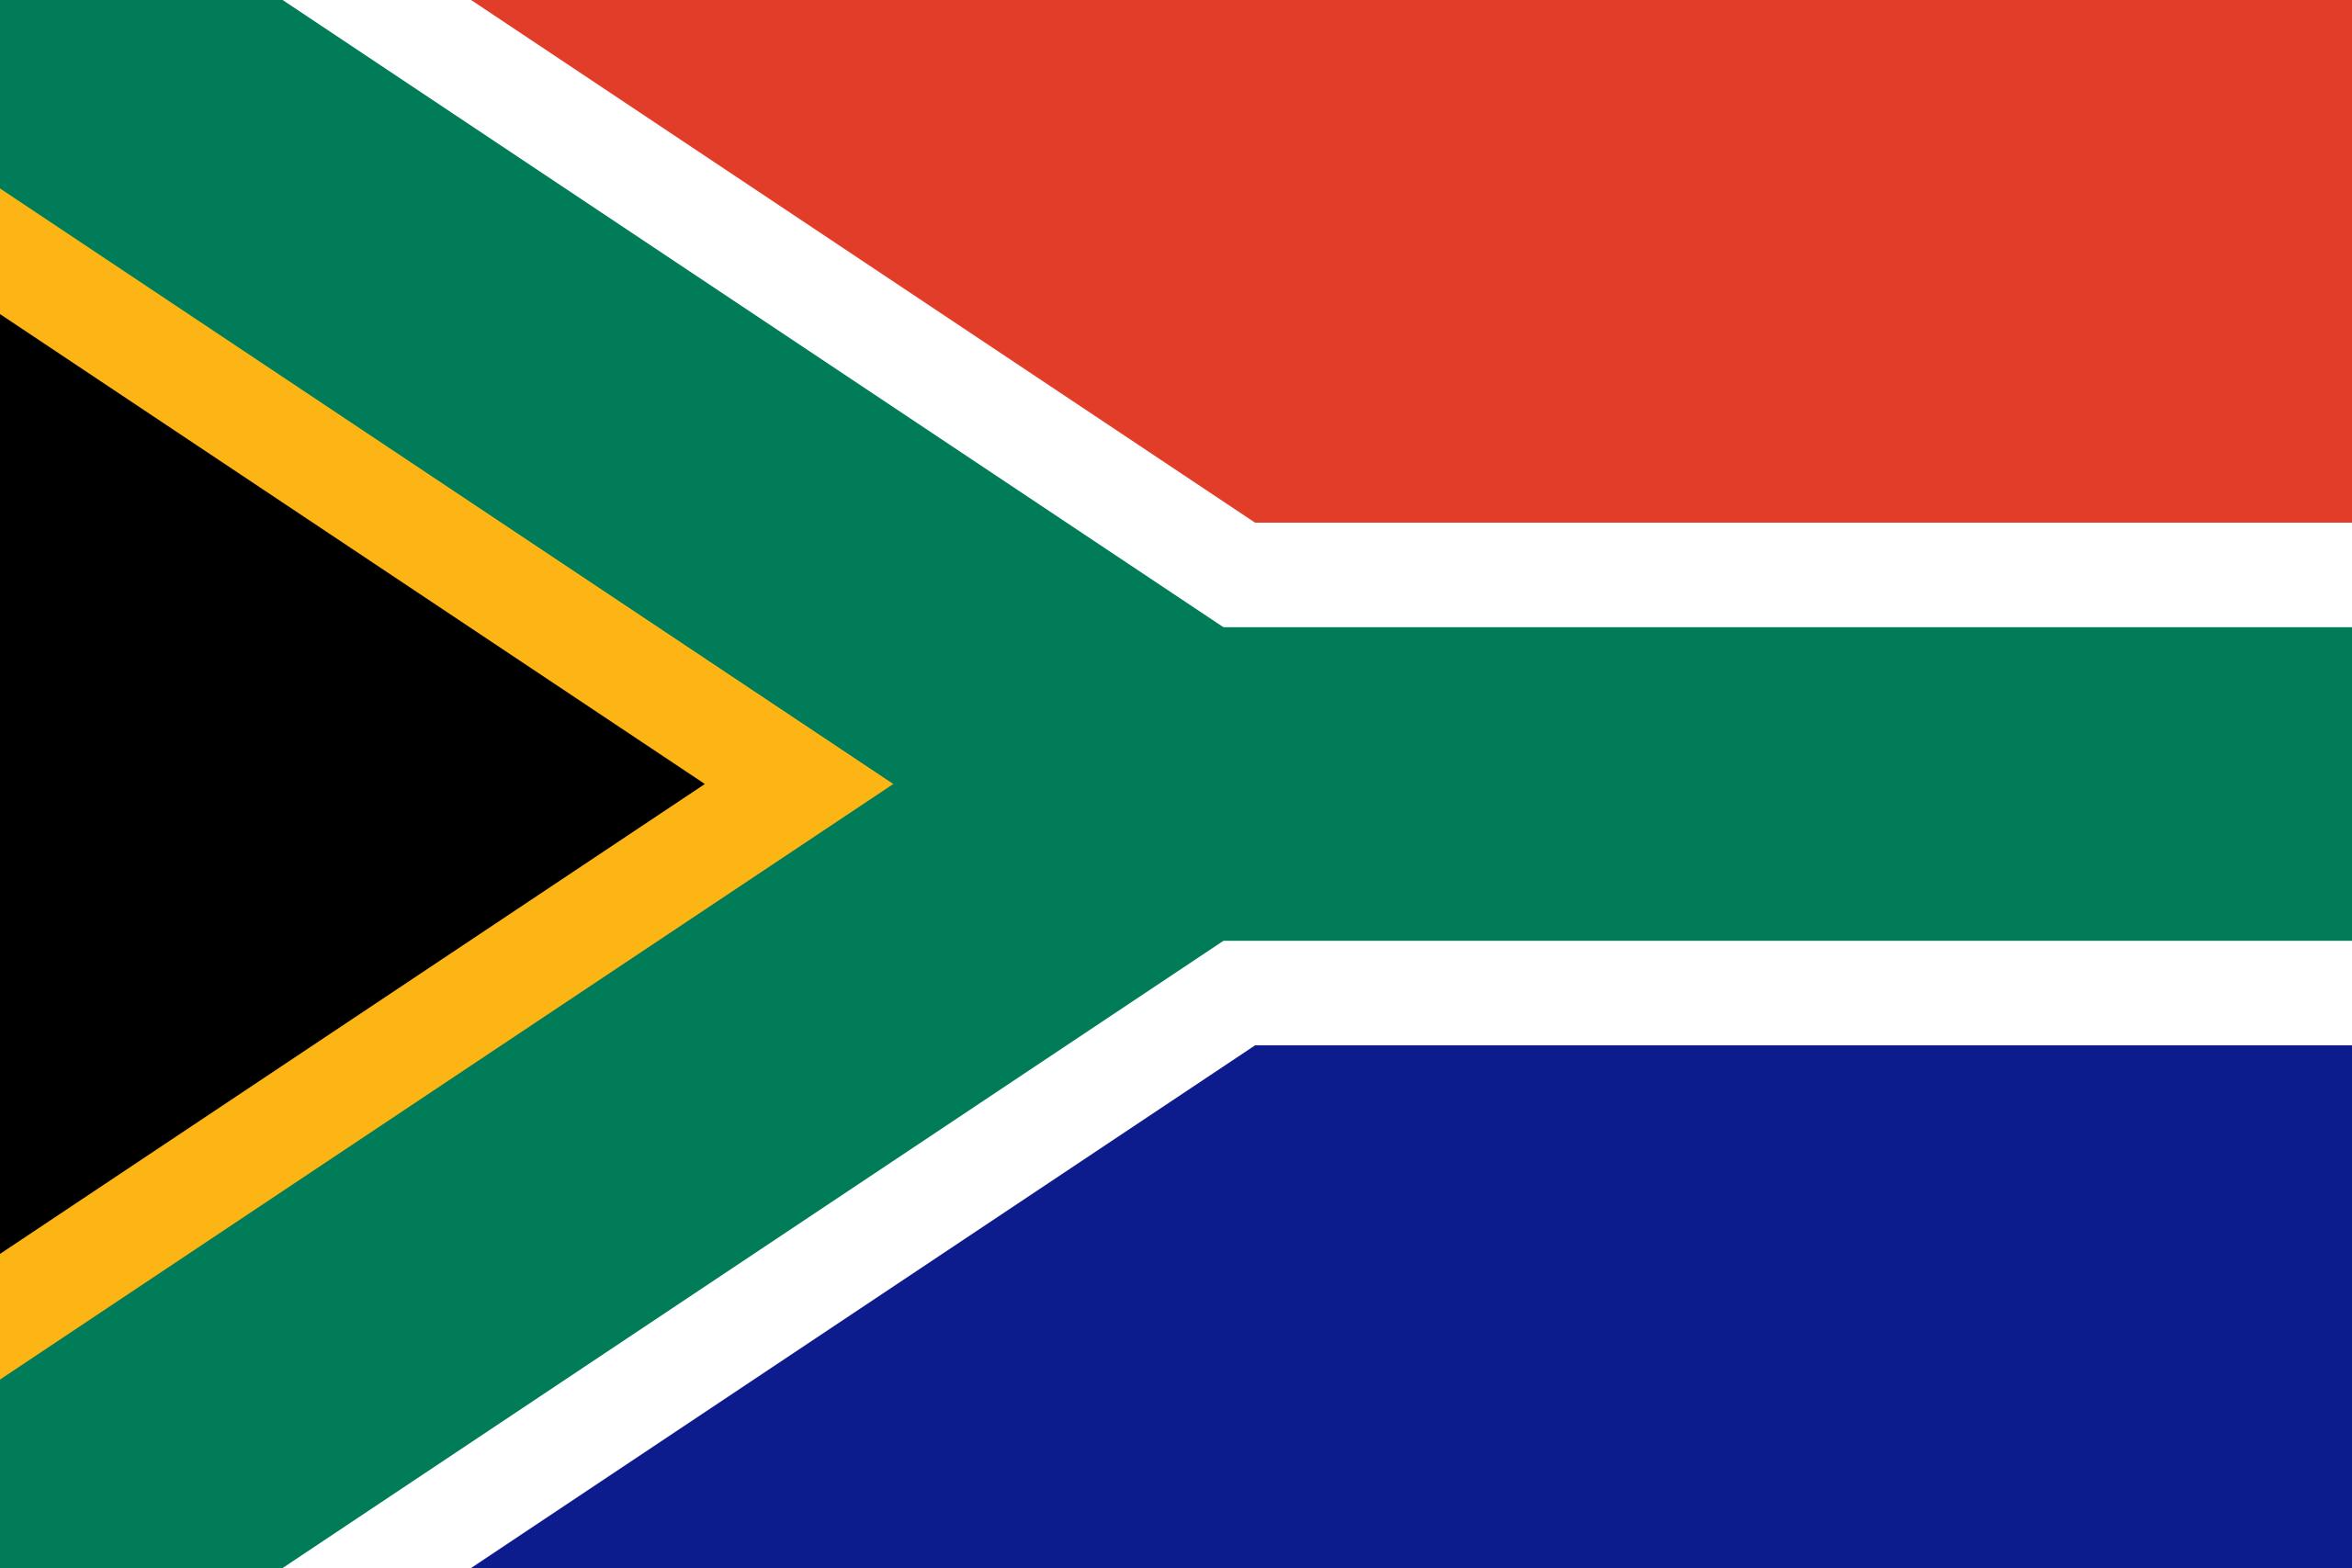 Afrique du Sud, pays, emblème, logo, symbole - Fonds d'écran HD - Professor-falken.com